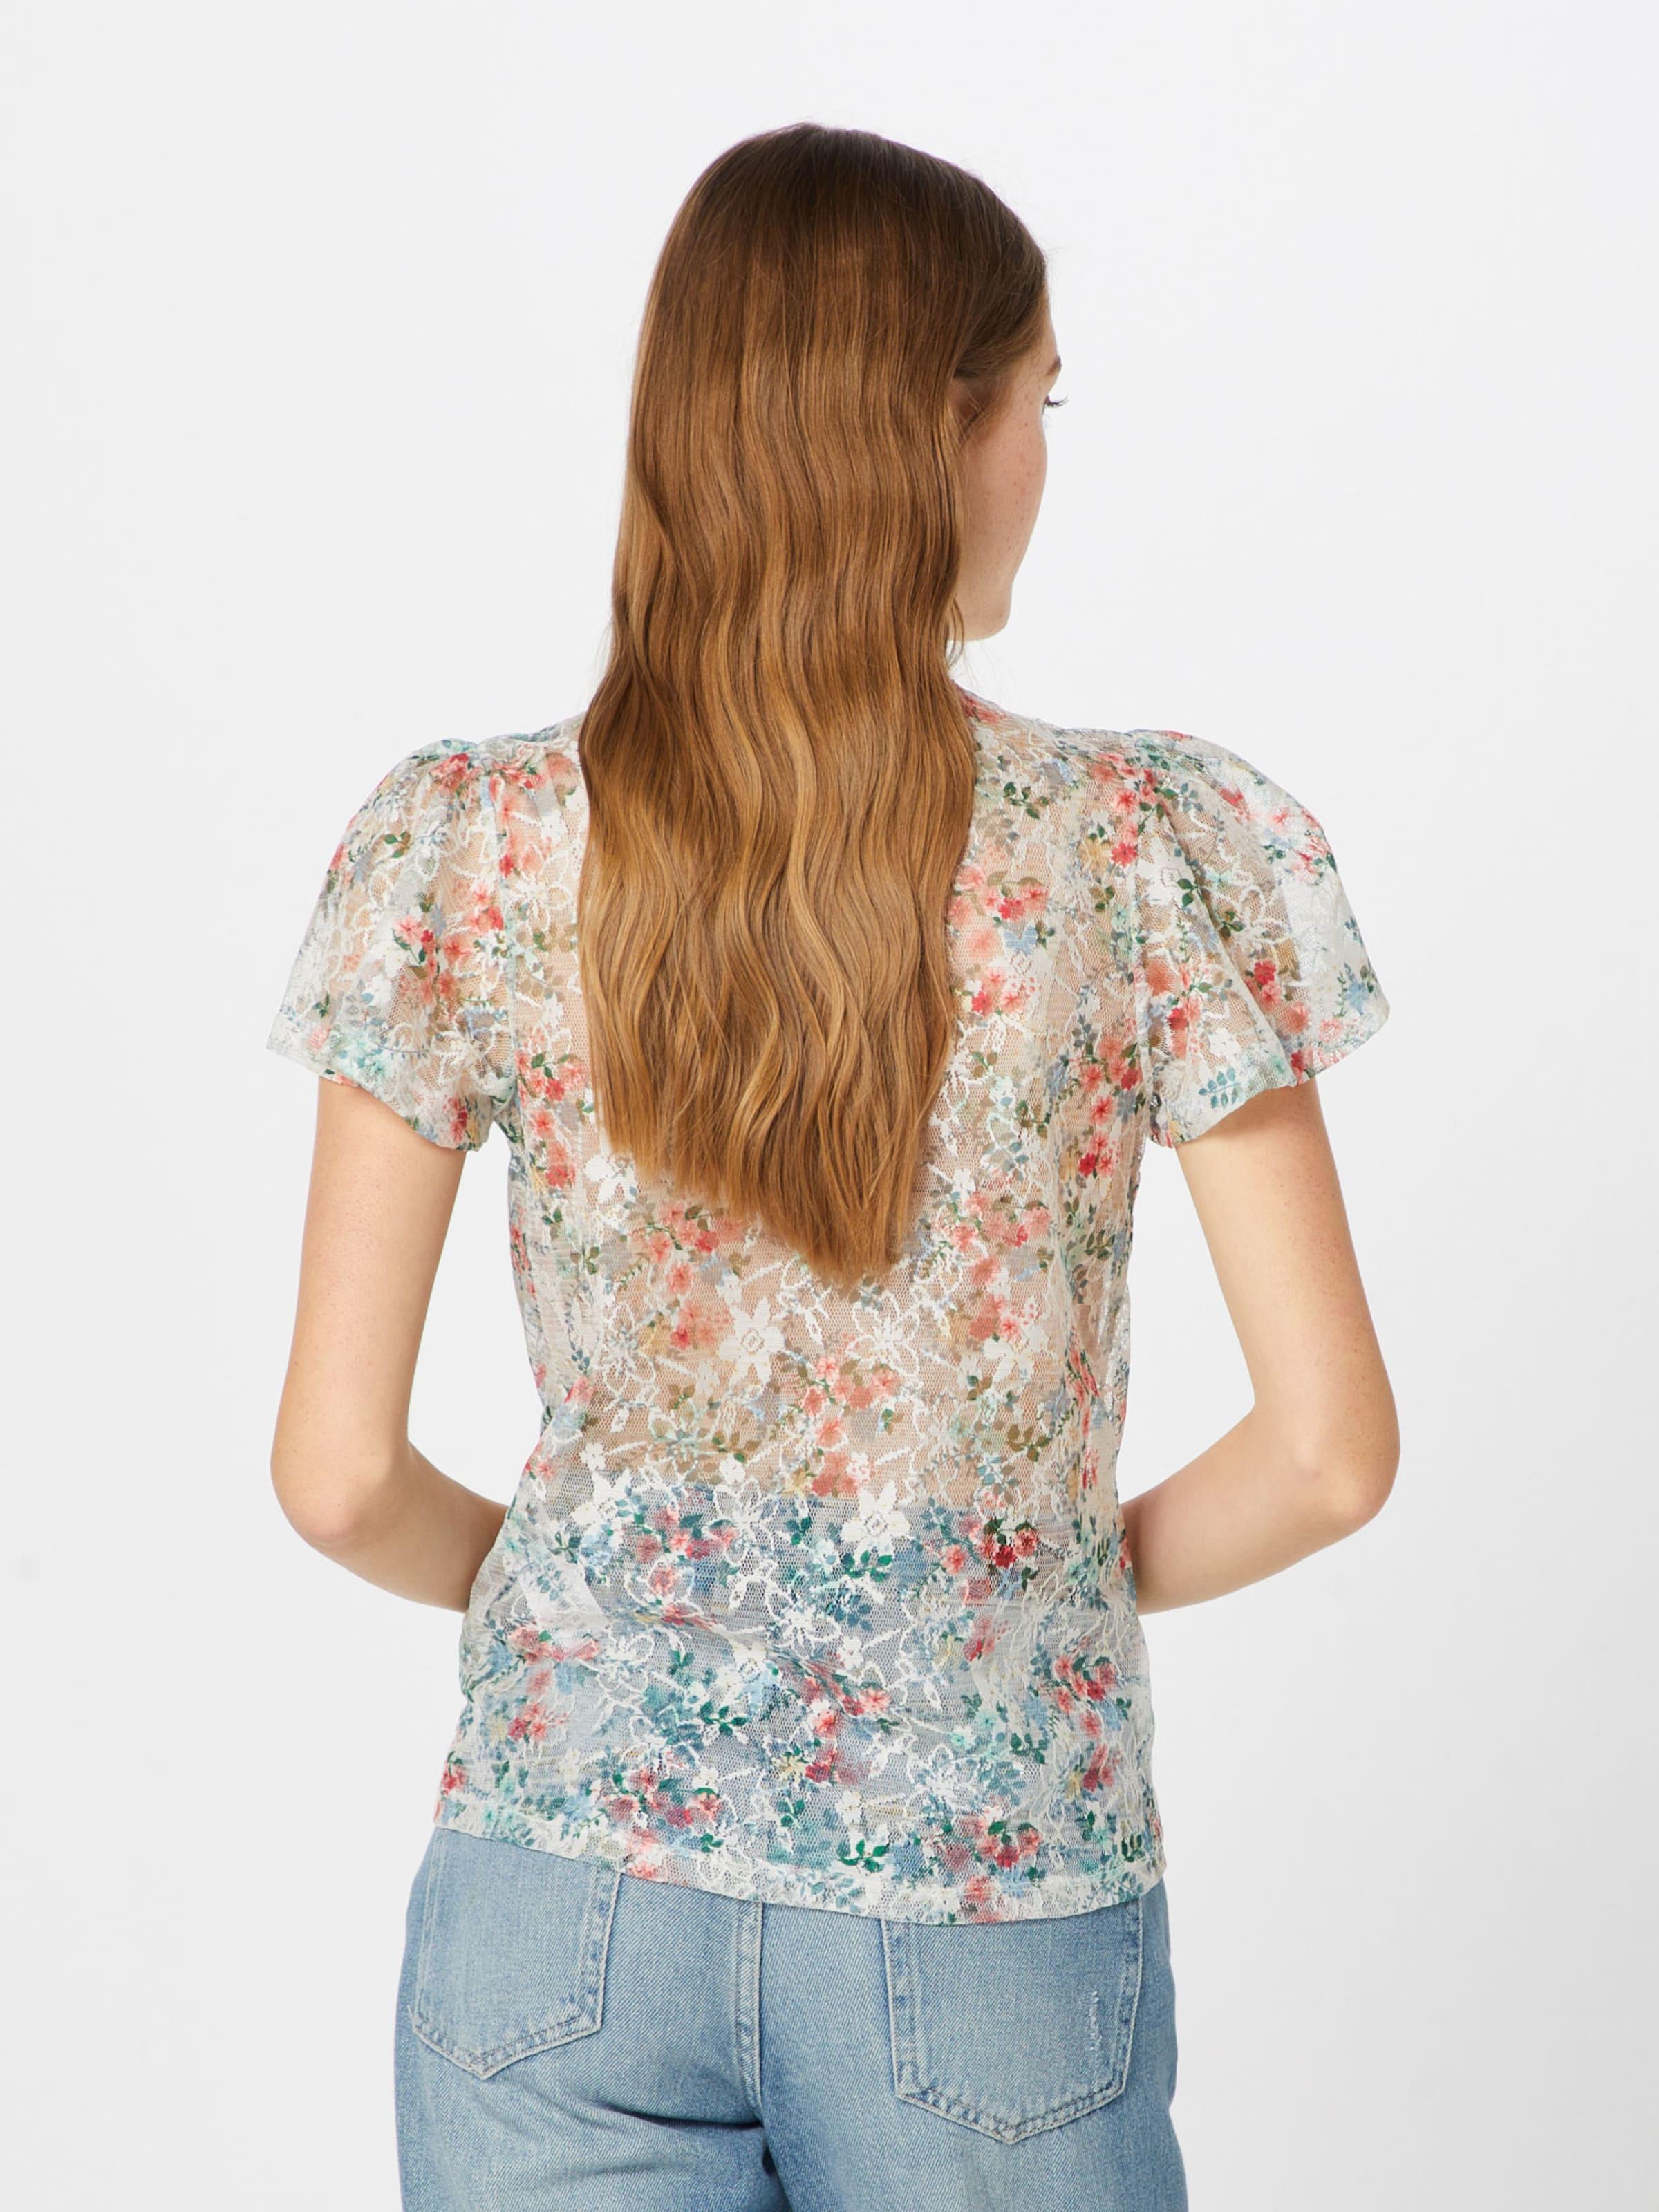 CrèmeMélange Tie De Lace En Ww Printed Front New Look P38' Button Couleurs '18 Thru Chemisier 05 80mwnN